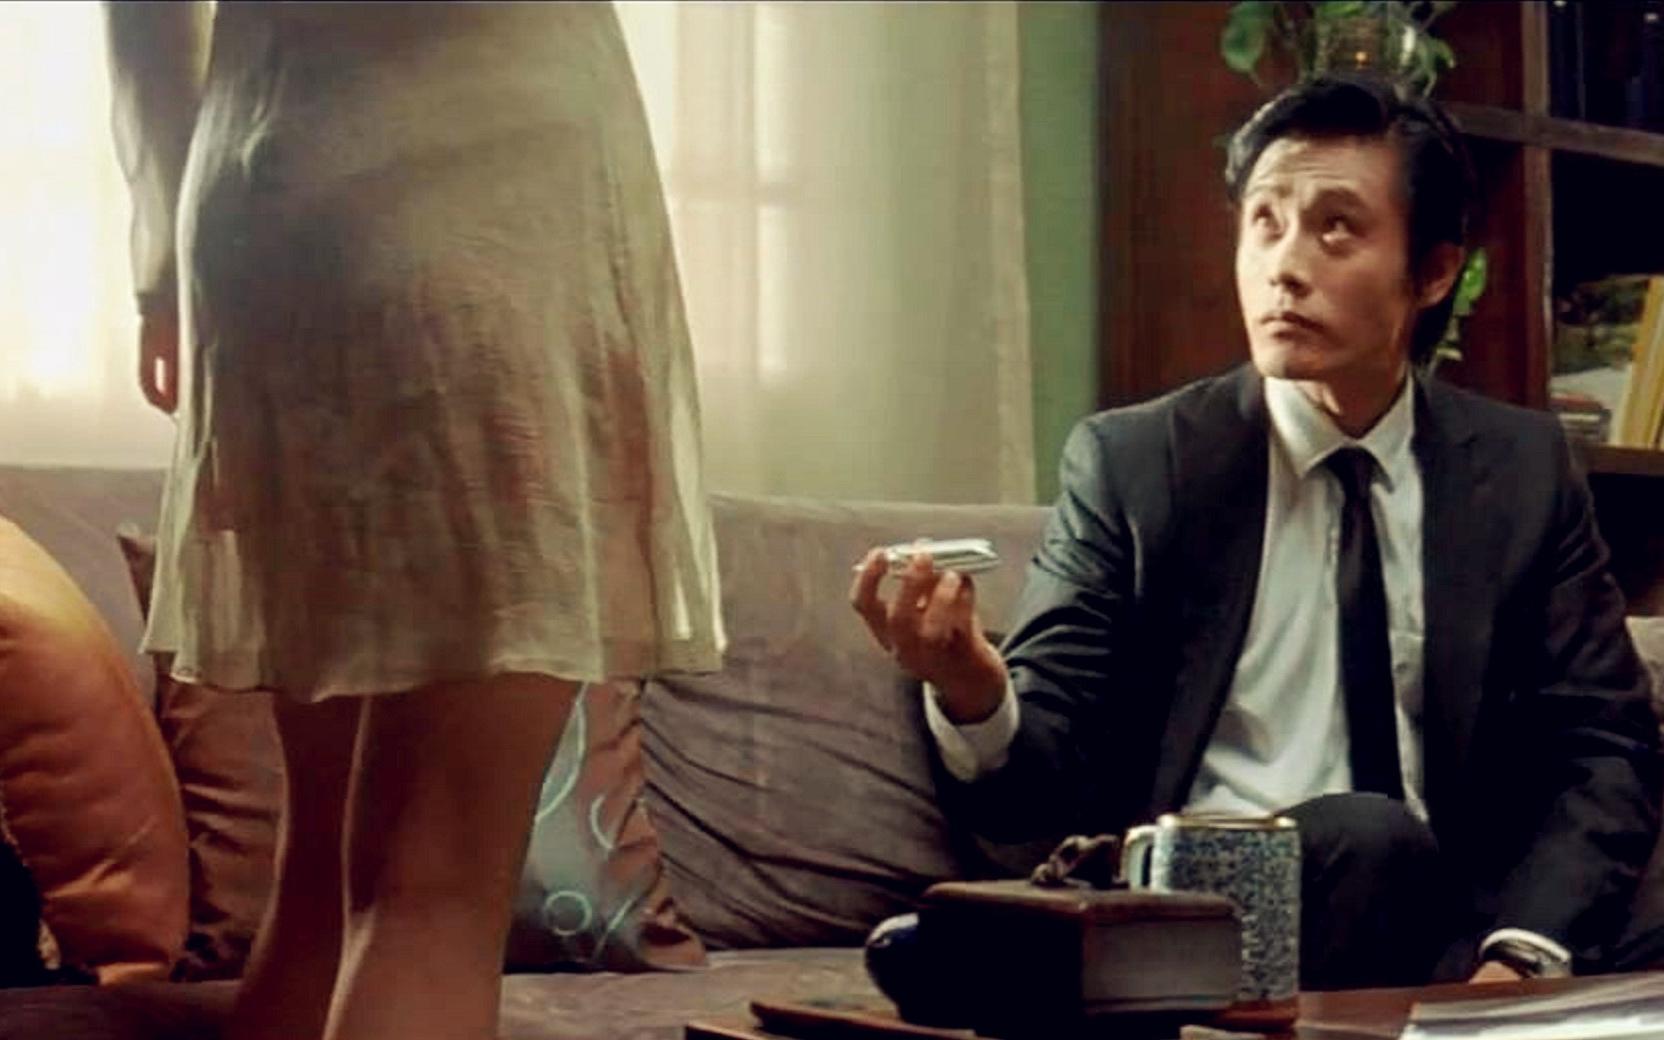 韩国黑帮电影:小弟爱上老大的女人,被老大活埋,死里逃生后疯狂复仇!